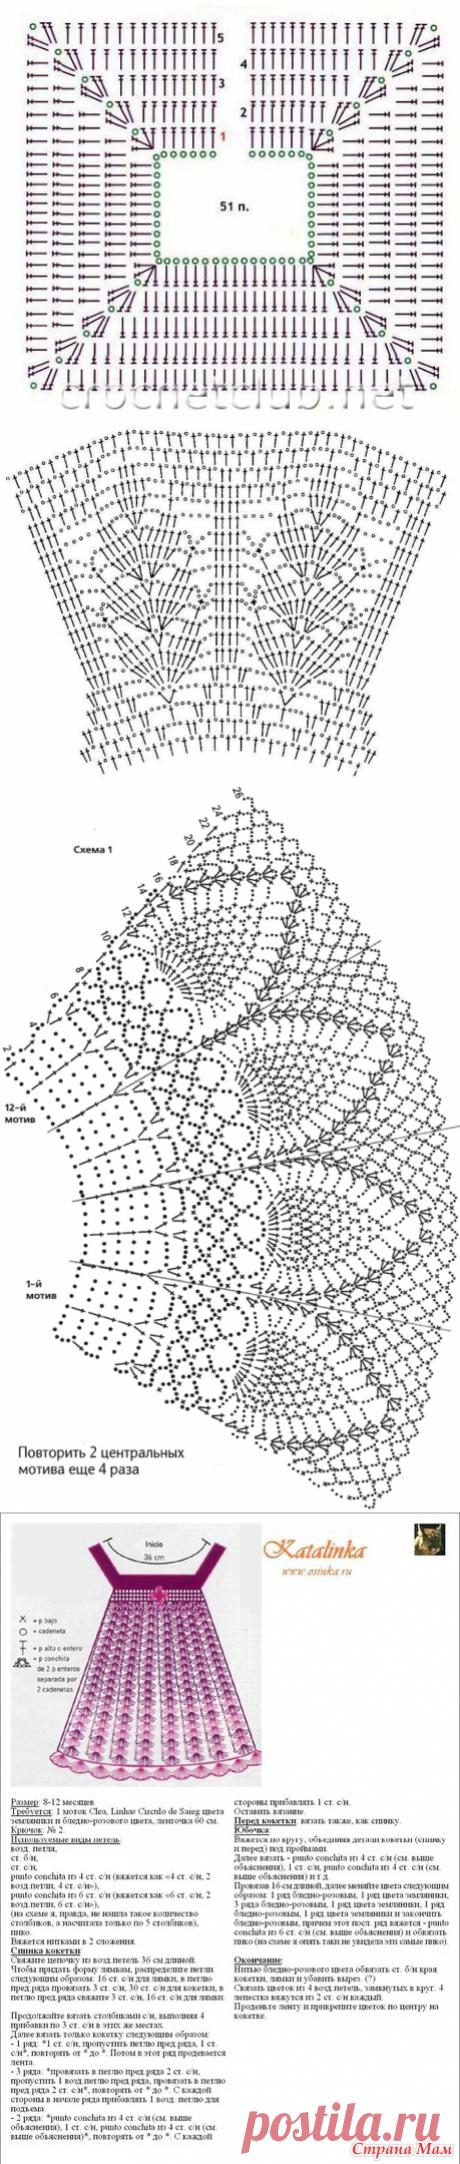 Вязание крючком схемы кокетки